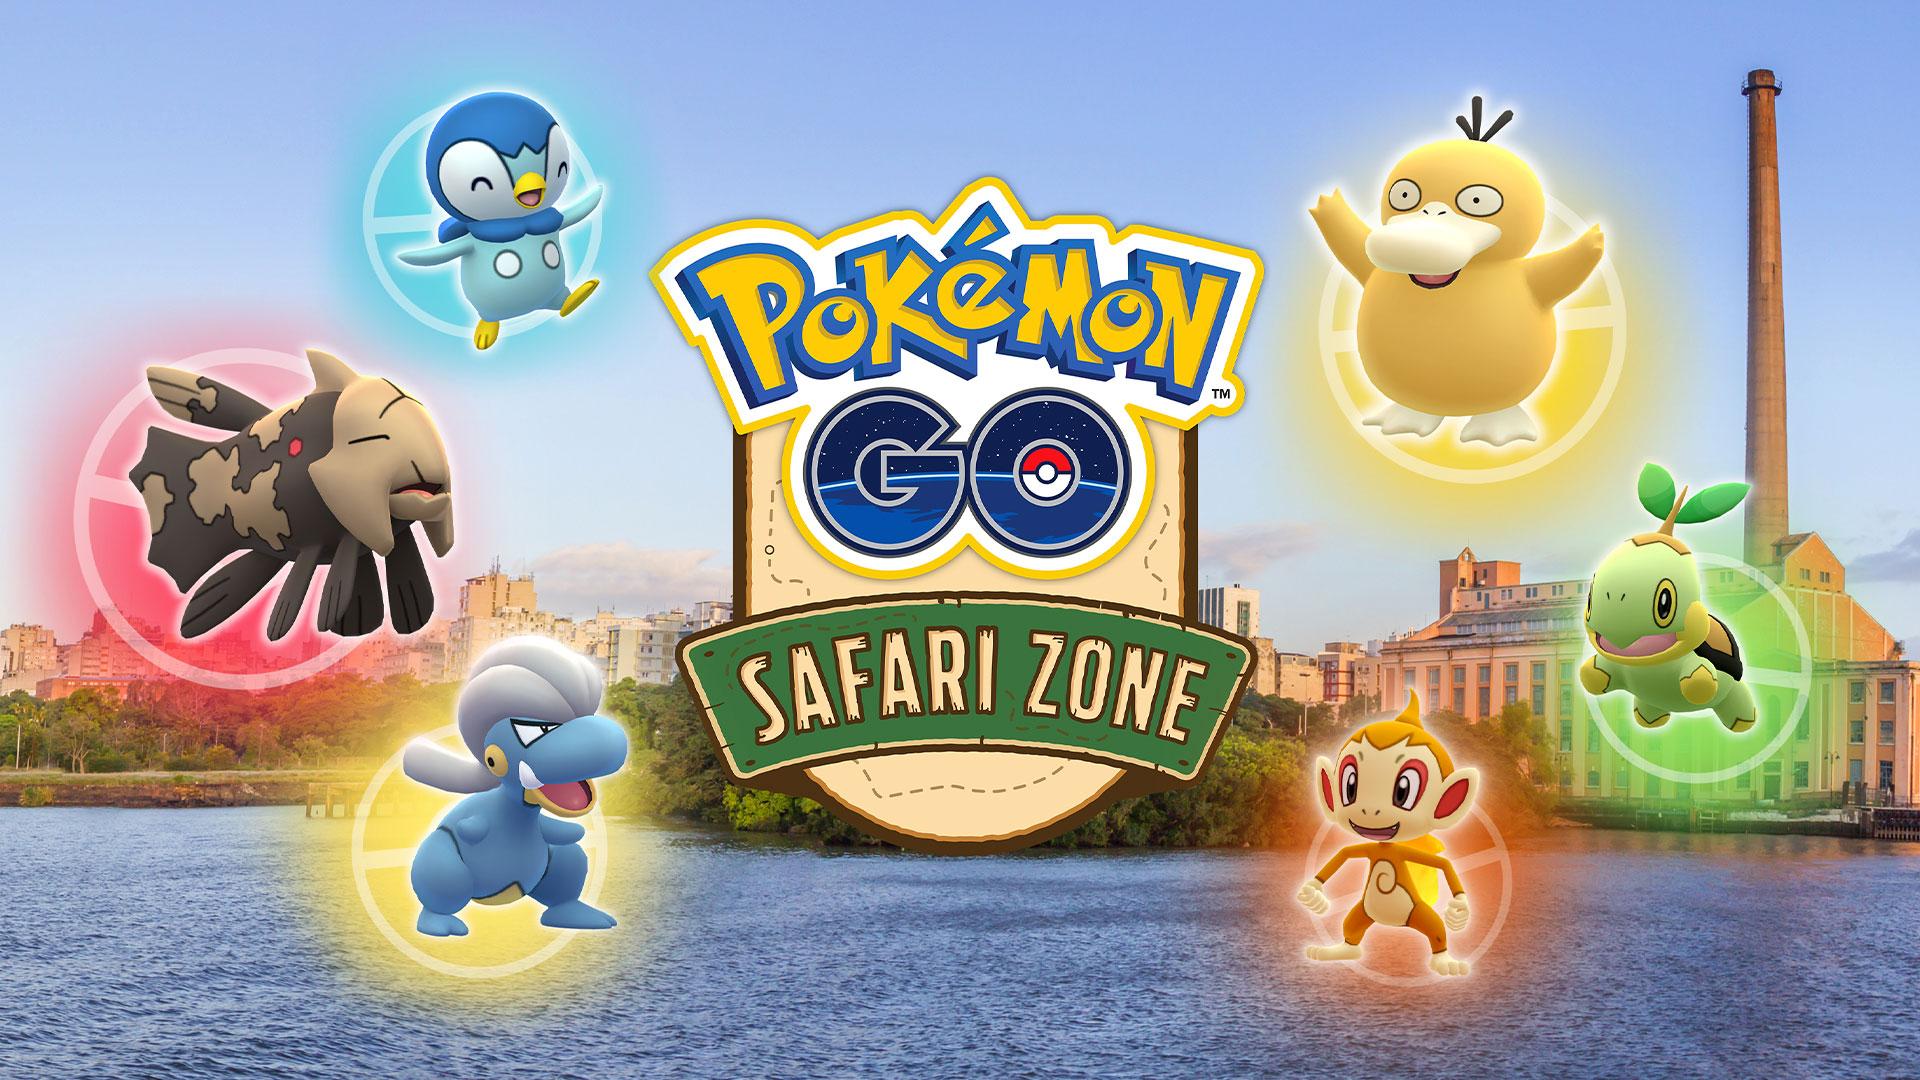 safarizone_porto-alegre_1920x1080_laptop | Pokemon GO Hub